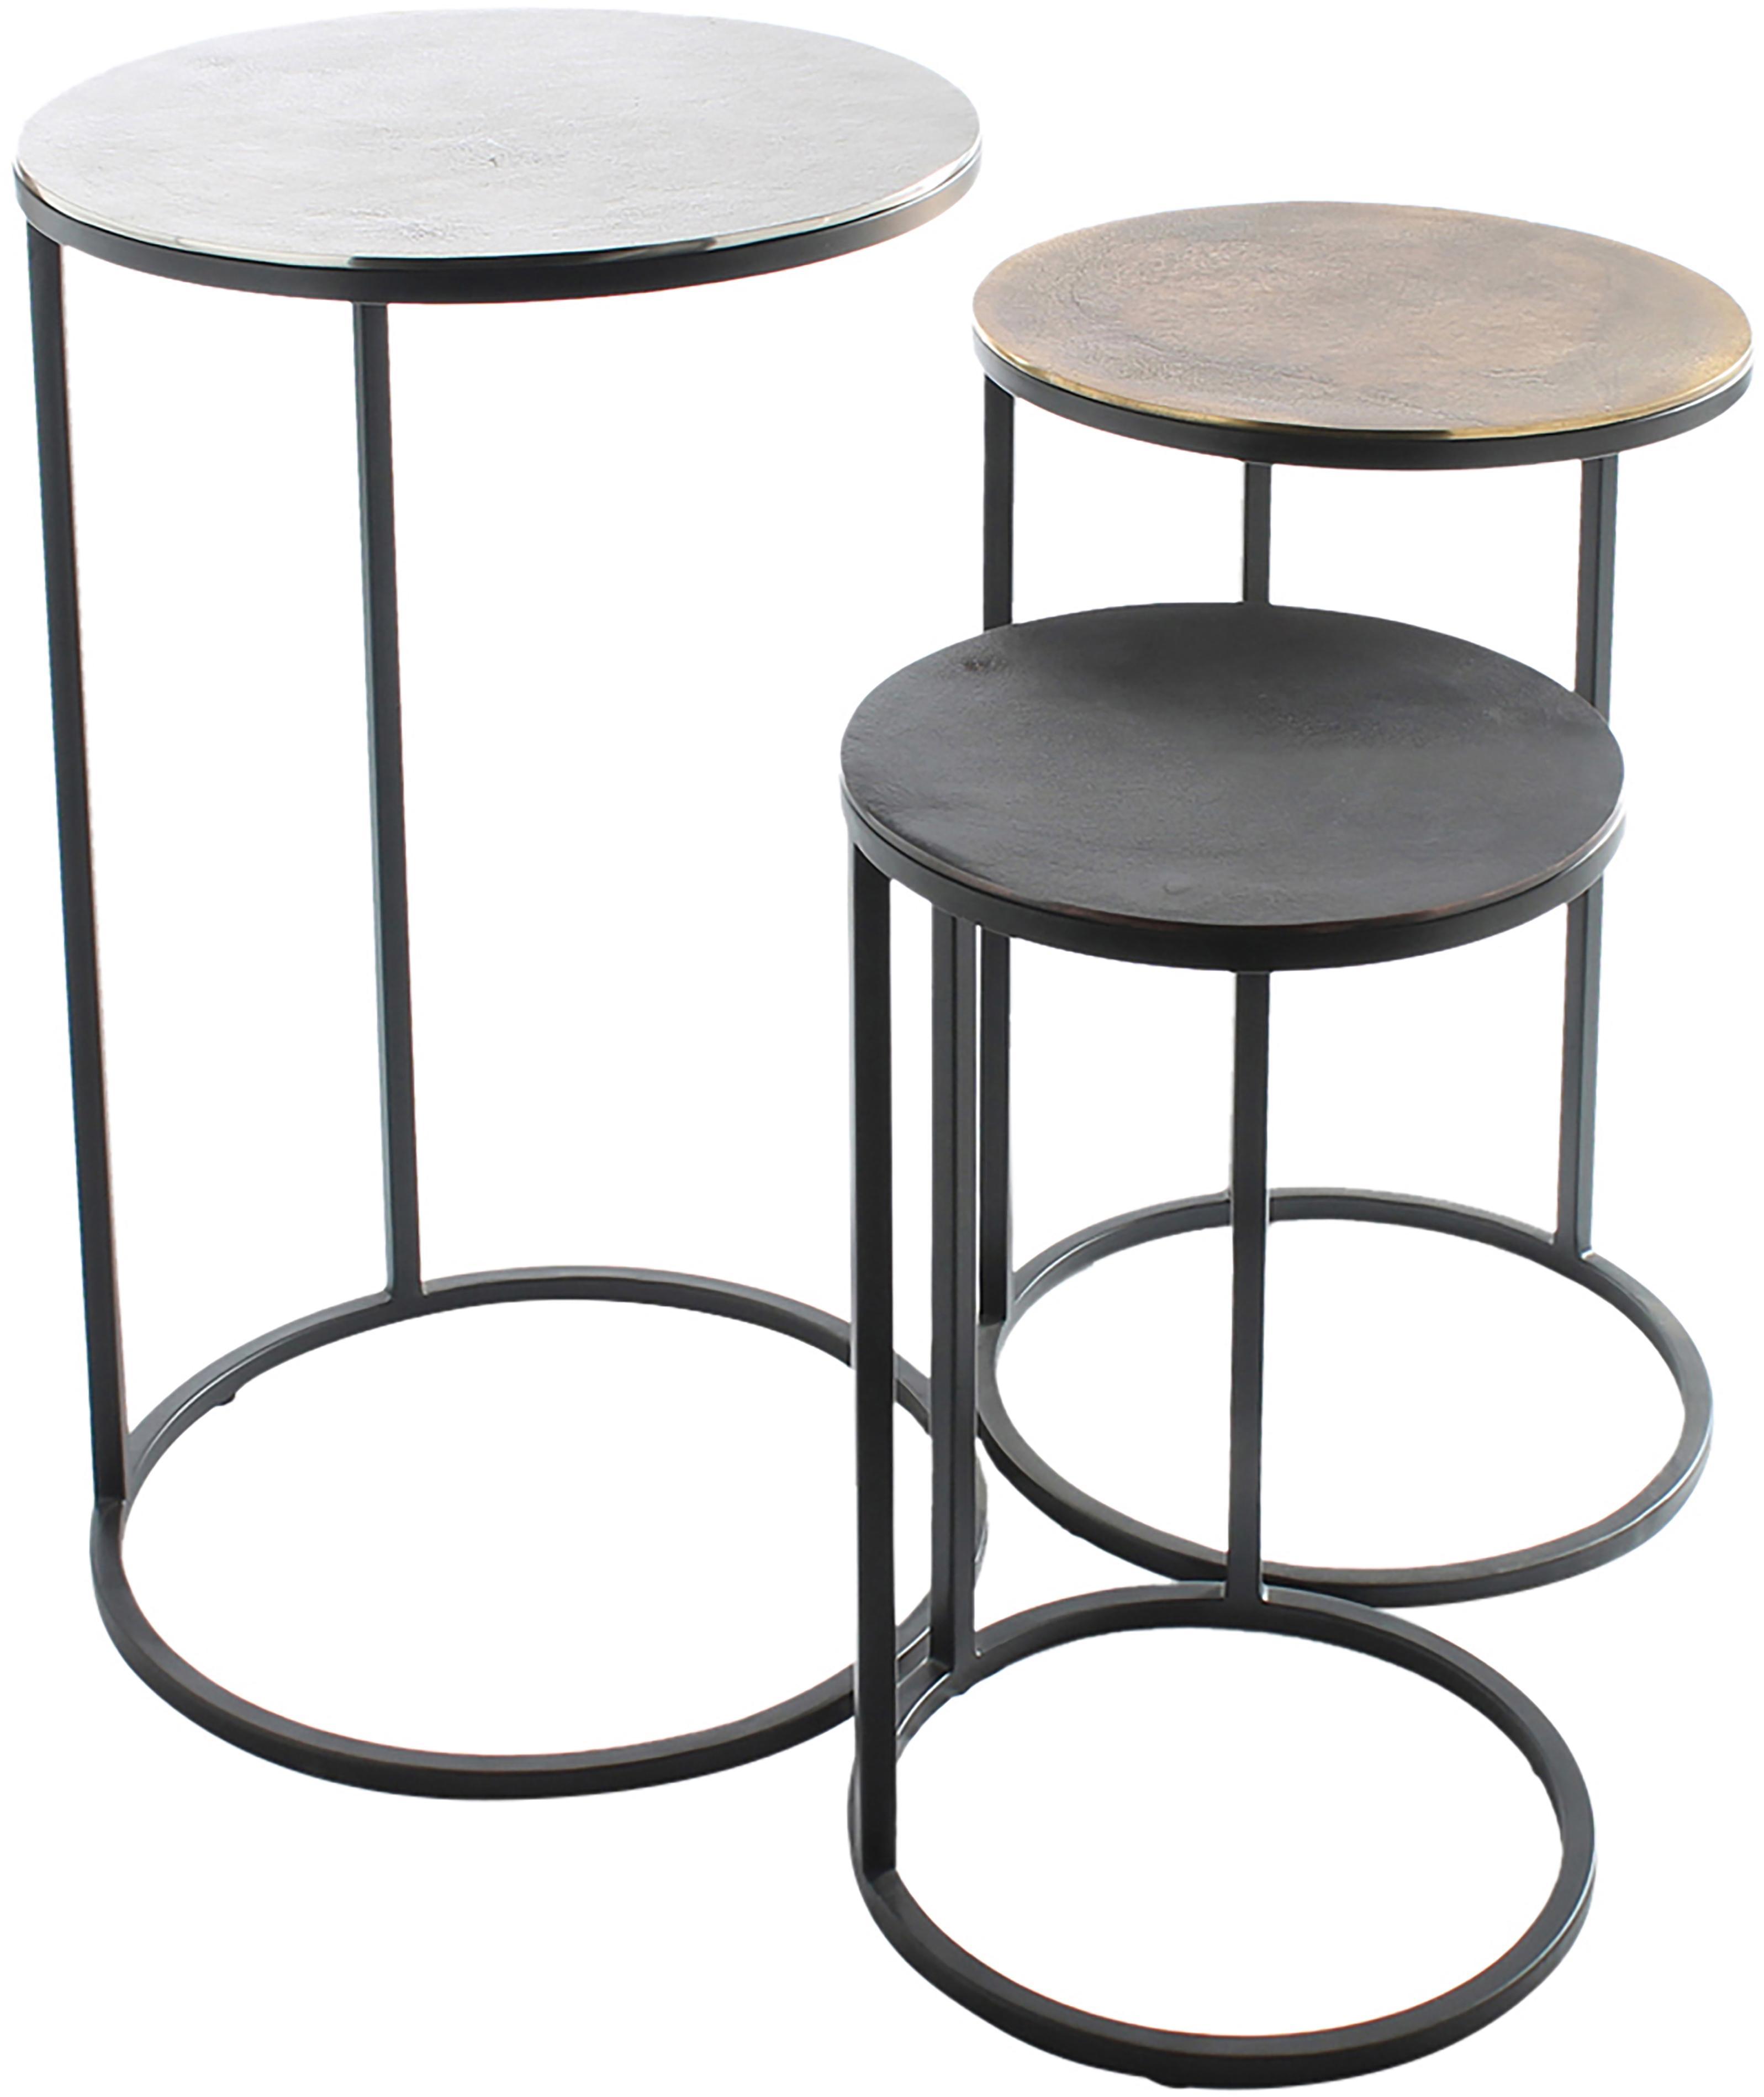 Set de mesas auxiliares Calvin, 3uds., Tablero: aluminio, recubierto, Estructura: metal, pintado, Aluminio, latón, Set de diferentes tamaños